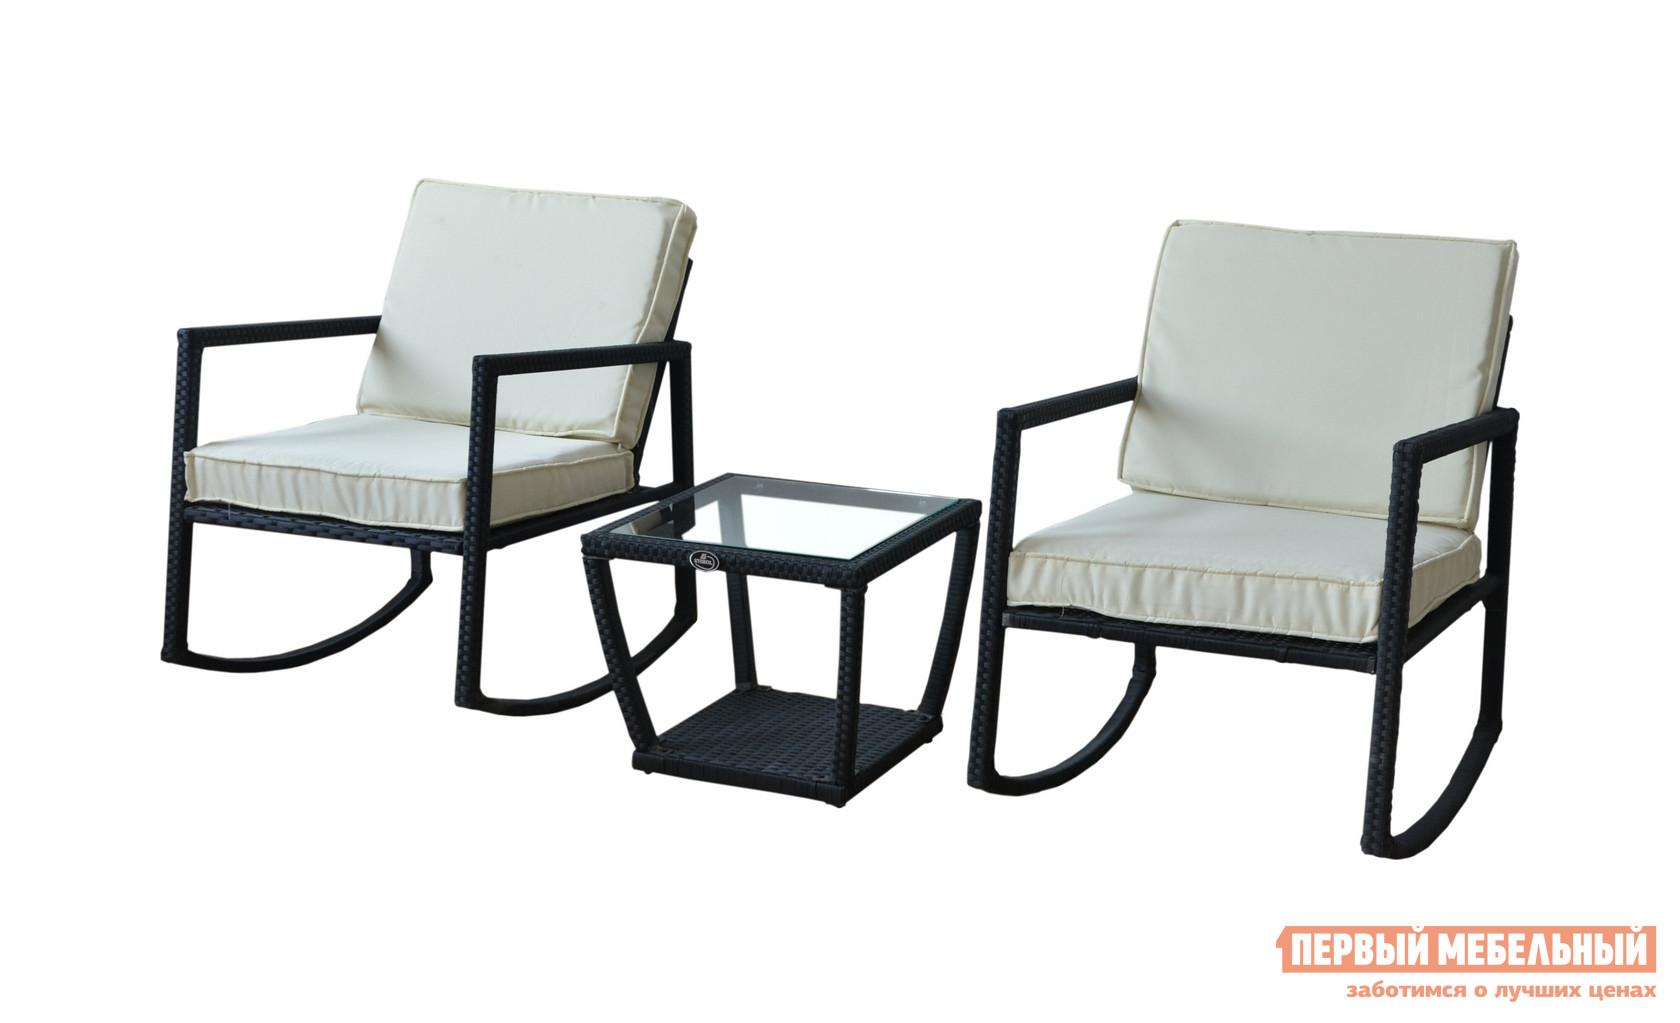 Комплект плетеной мебели Kvimol KM-0320 Черный иск. ротанг / бежевый подушки